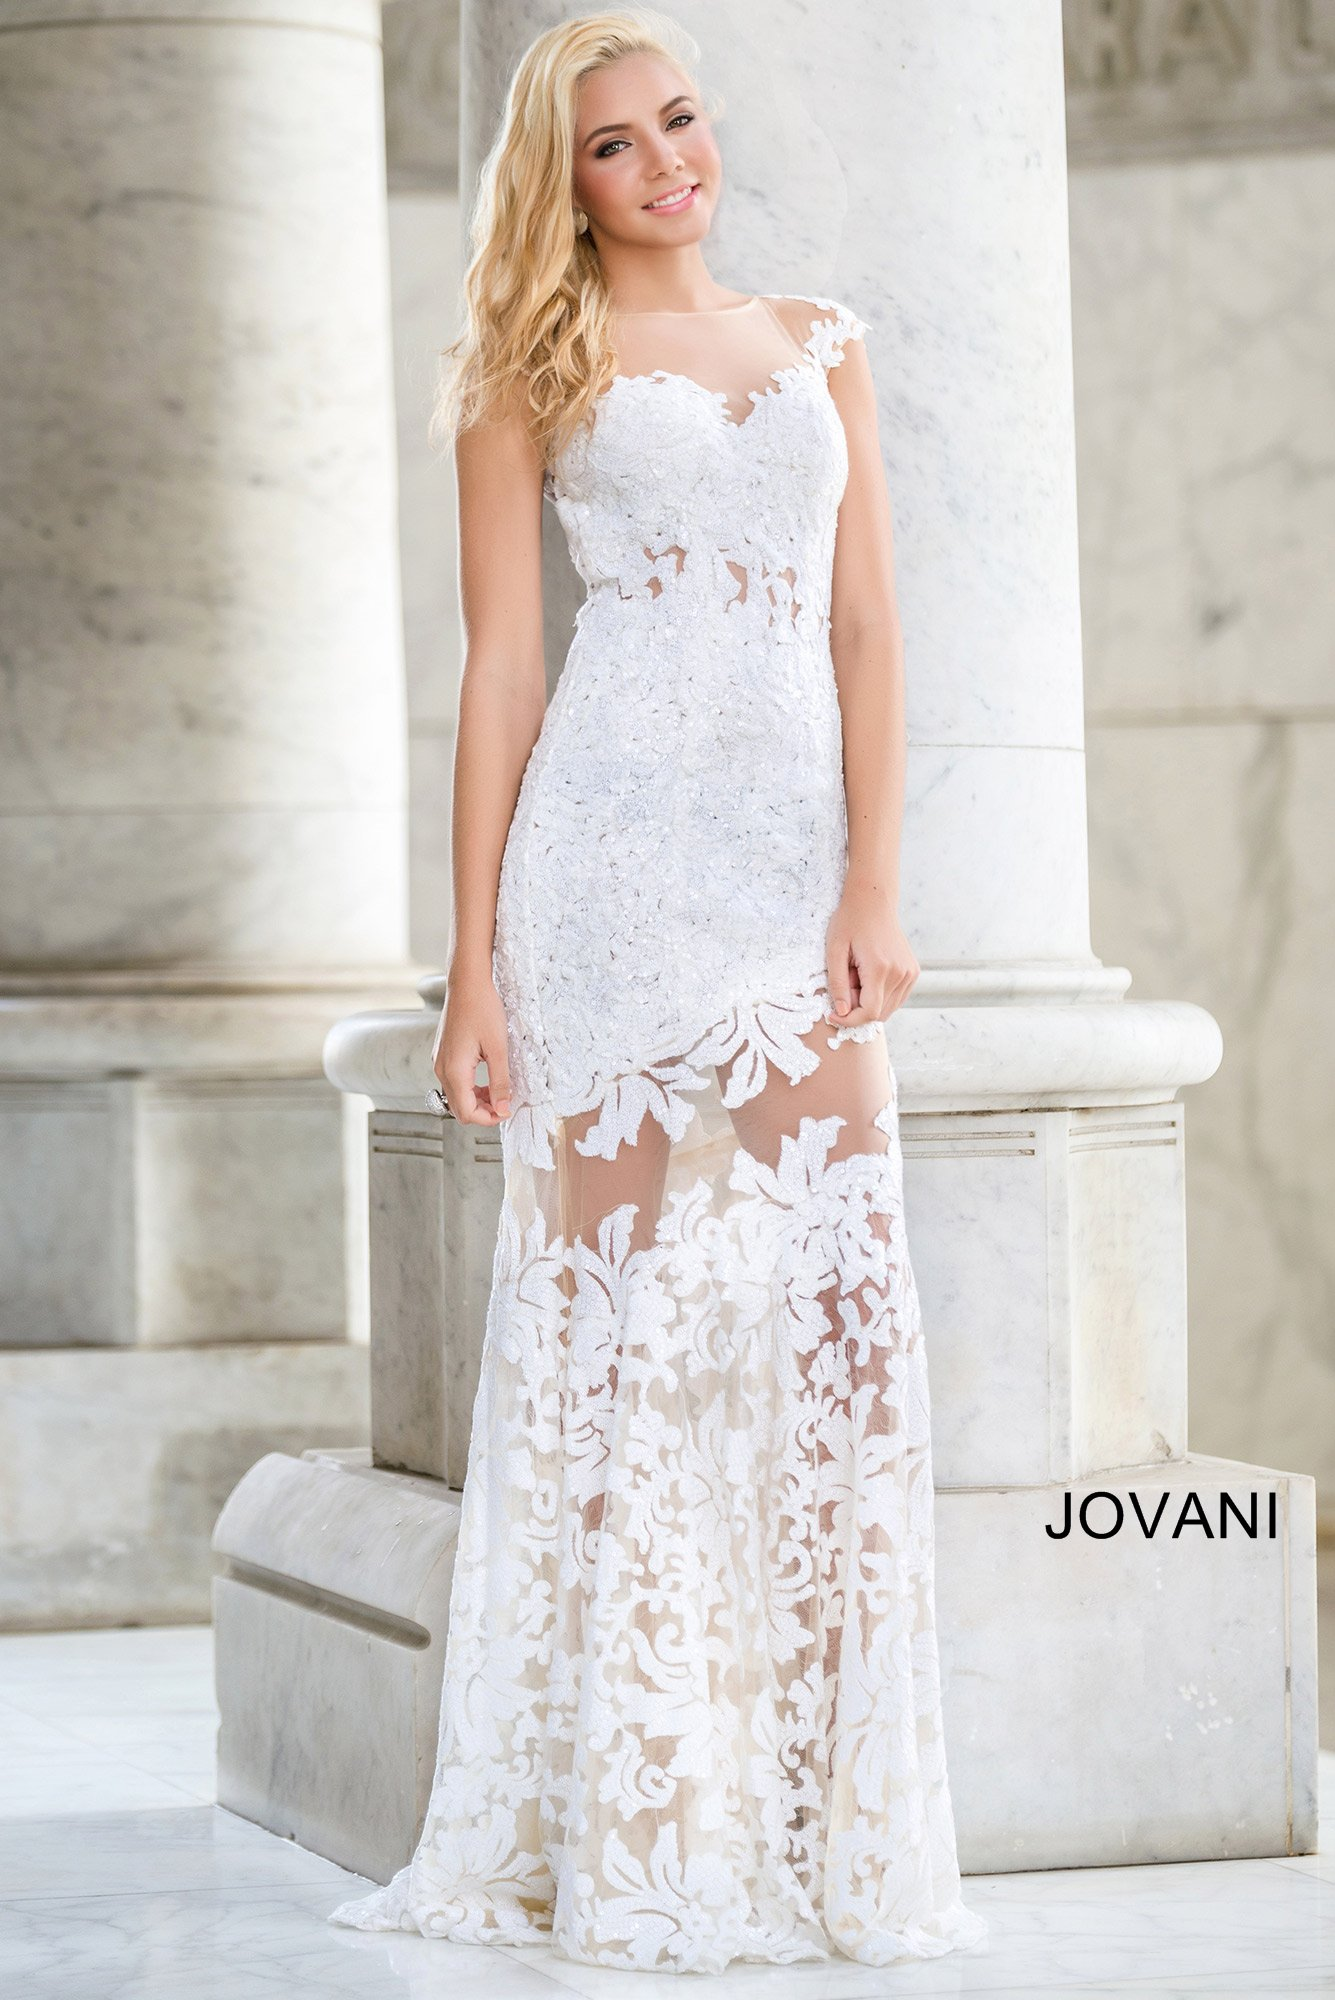 Abendkleider jovani – Beliebte Abendkleider in Deutschland